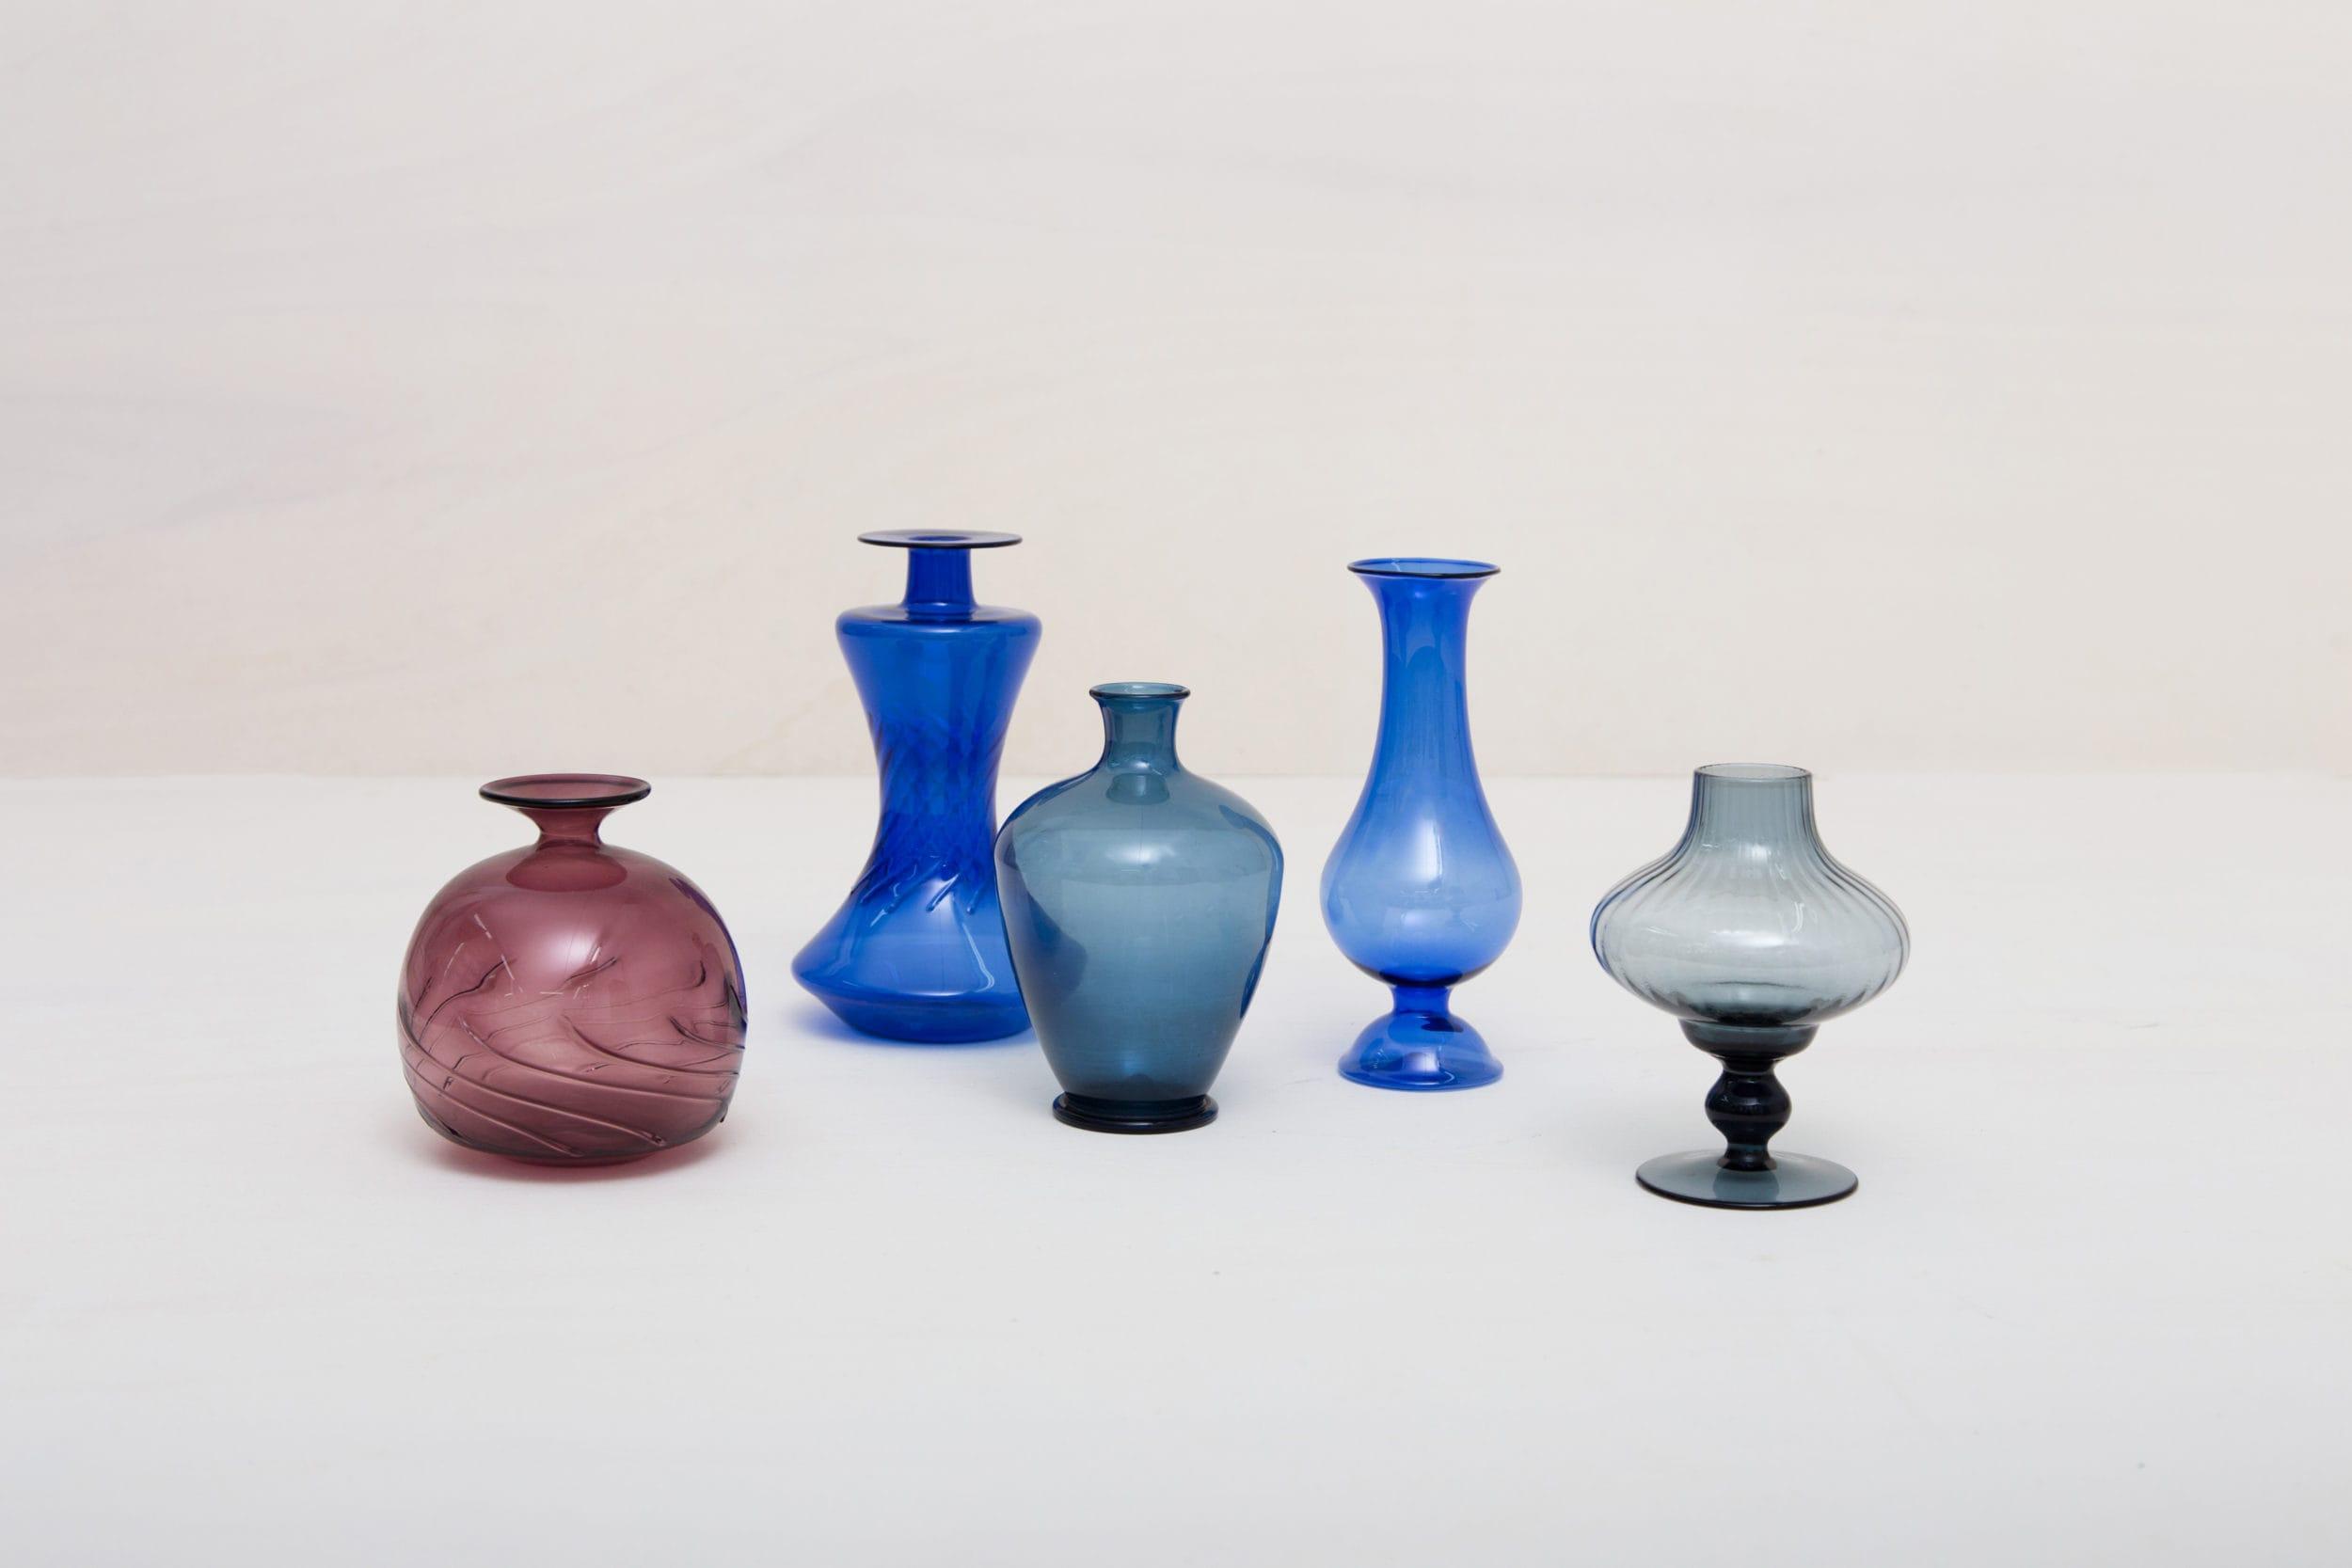 Diese missmatching Vasen aus mundgeblasenem Glas leuchten in den unterschiedlichsten Farben und Formen. Ob einzeln oder als Ensemble, sie setzen kleine Blumengestecken perfekt in Szene.